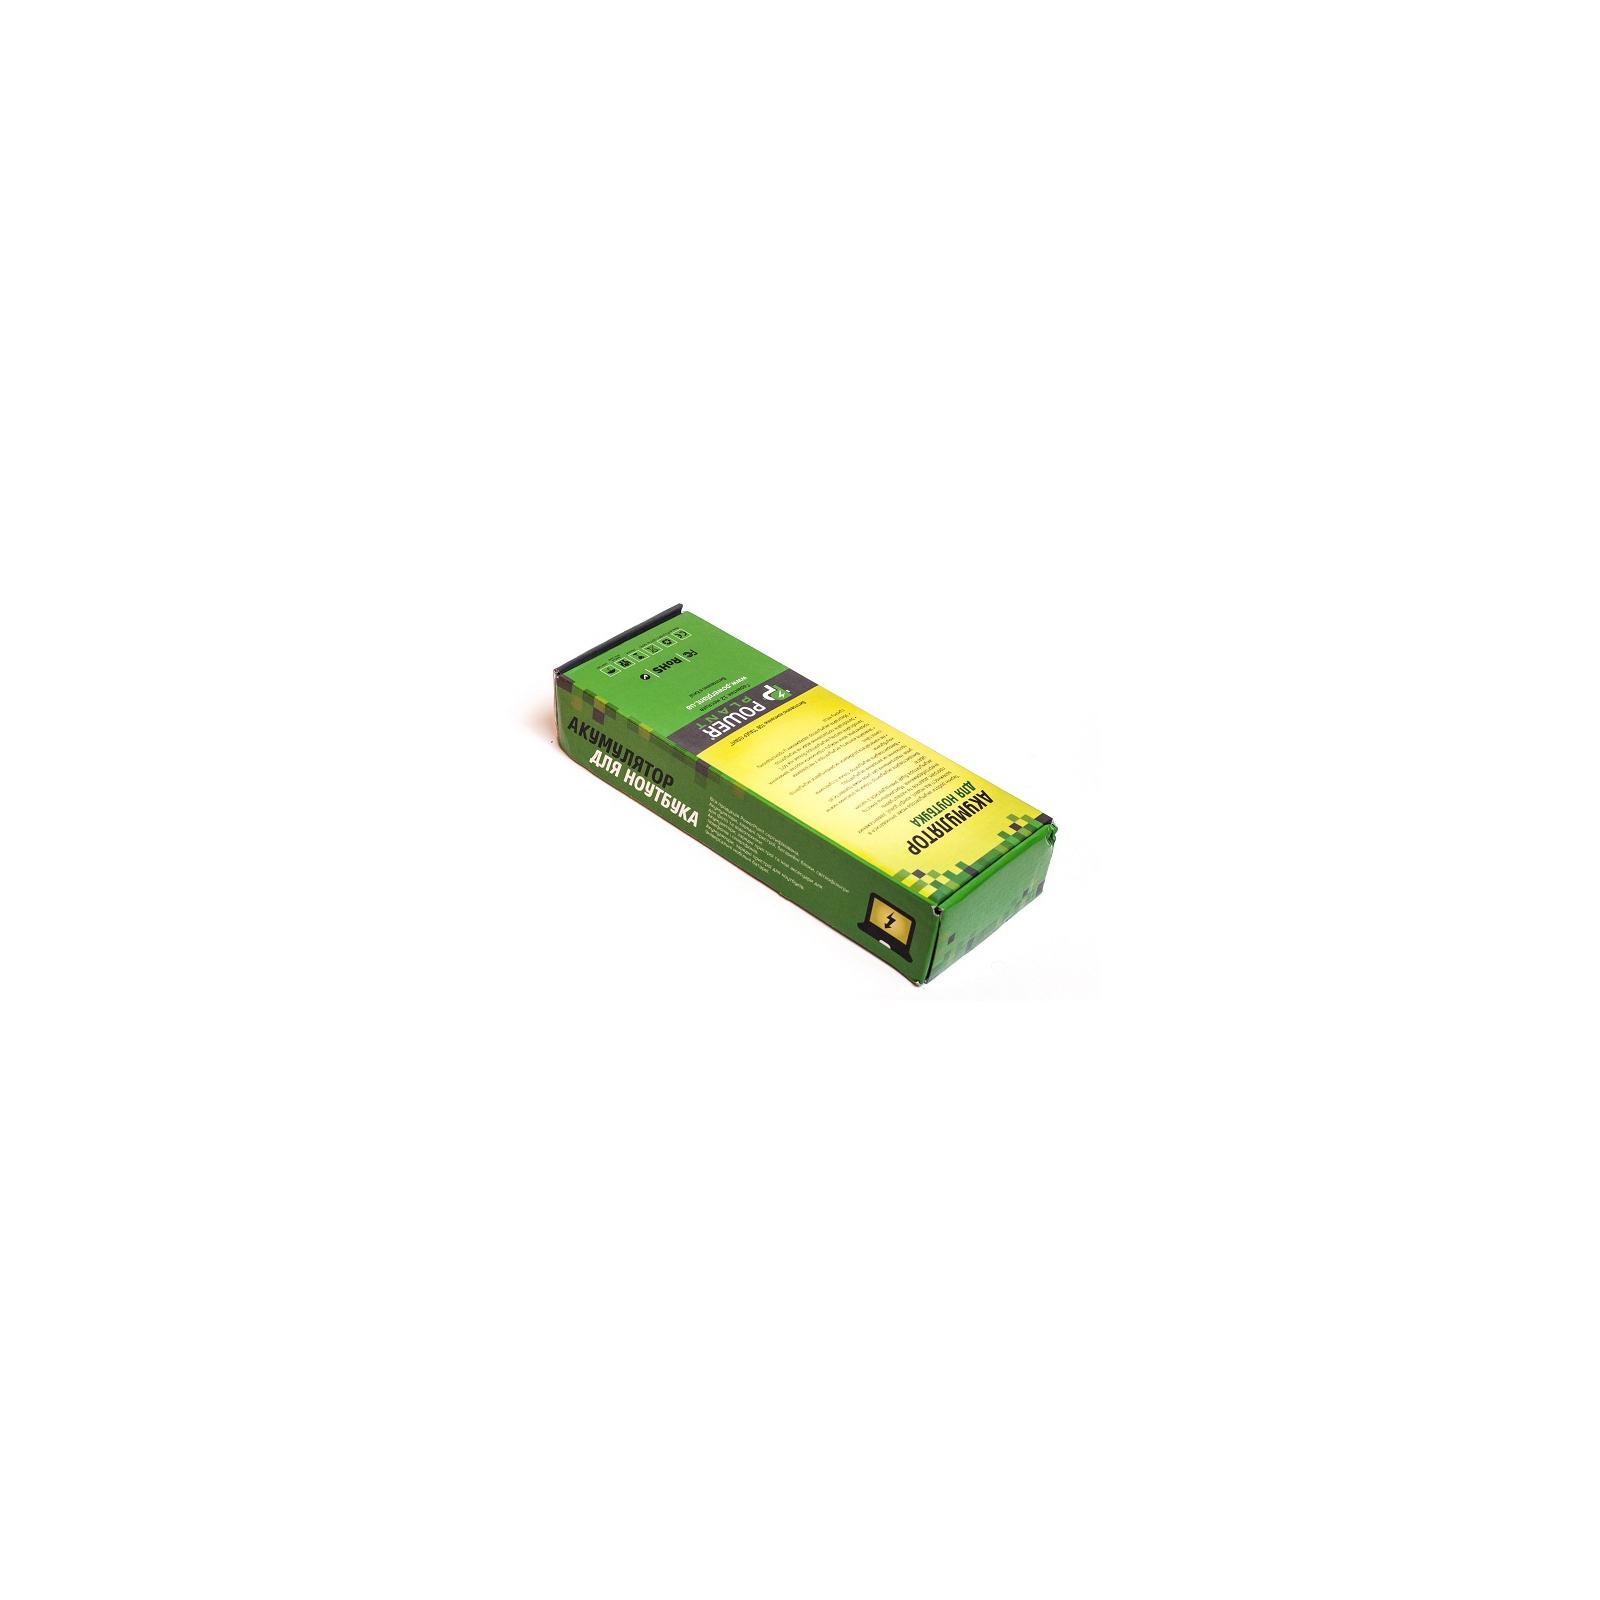 Аккумулятор для ноутбука ASUS F82 (A32-F82, ASK400LH) 11,1V 4400mAh PowerPlant (NB00000283) изображение 2